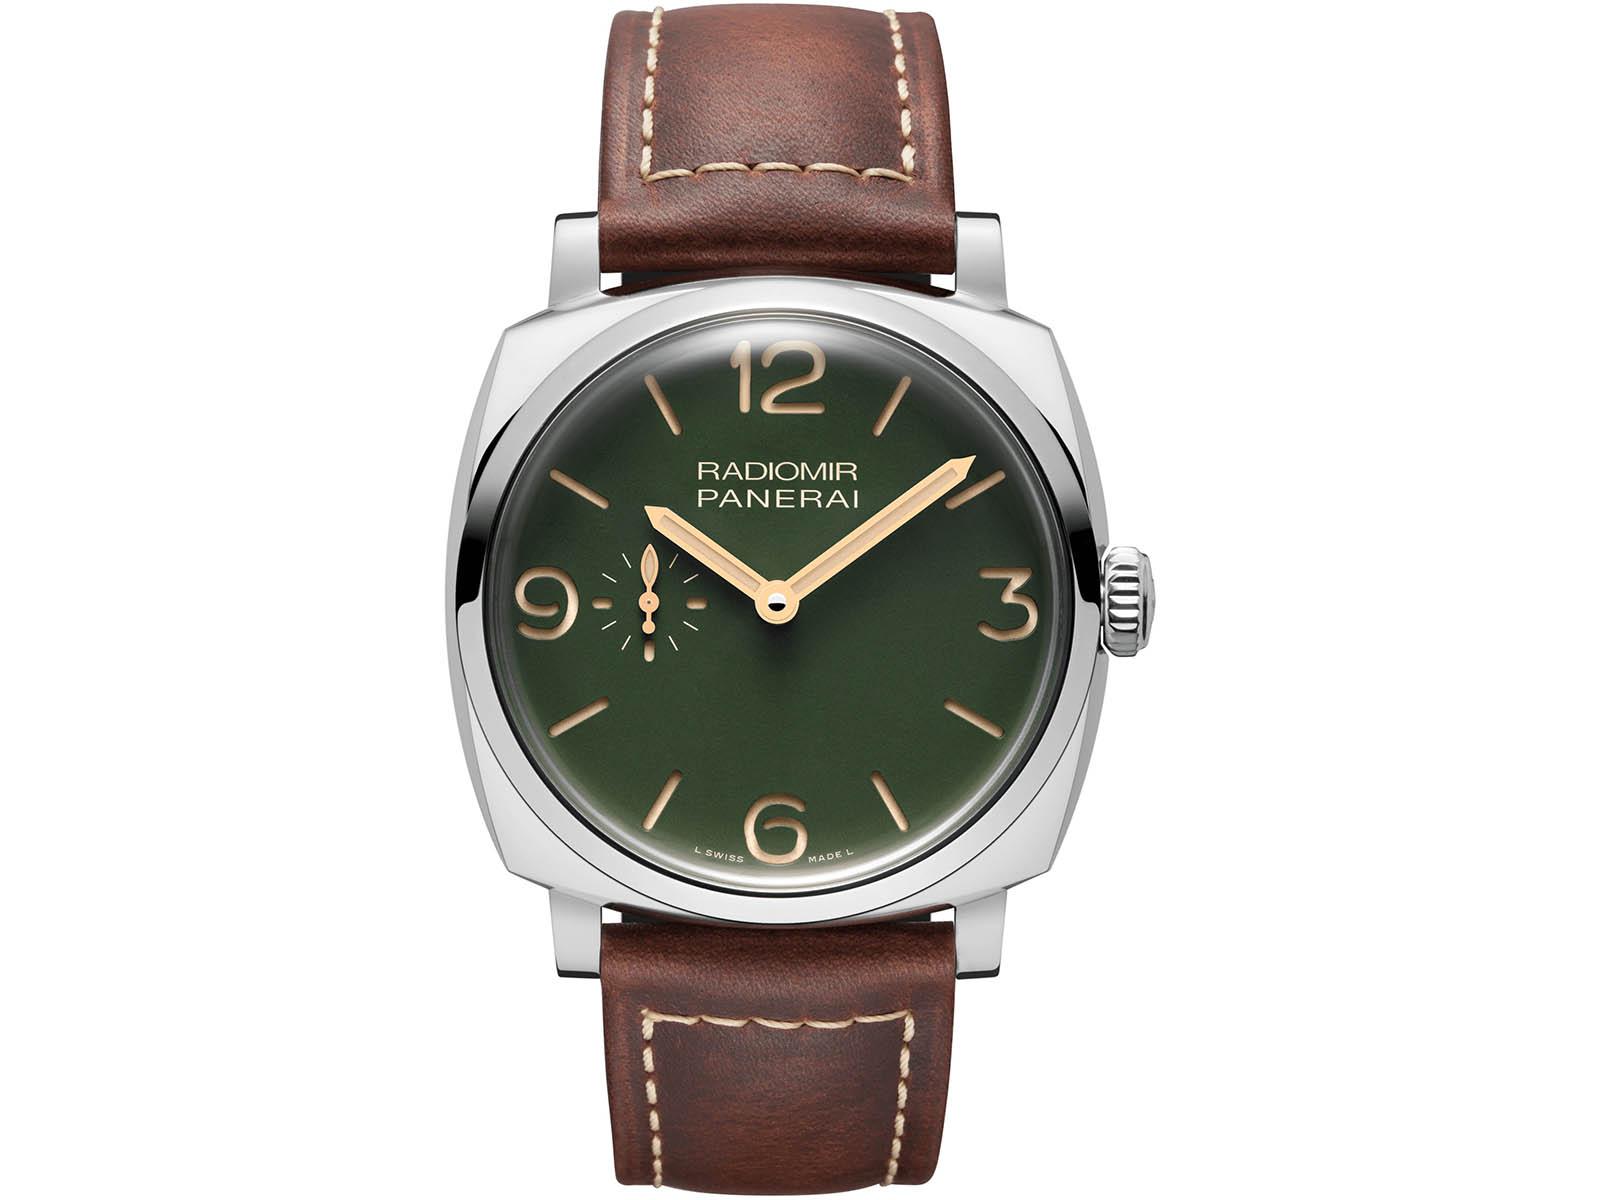 pam00995-panerai-radiomir-1940-edizione-verde-militare-1.jpg